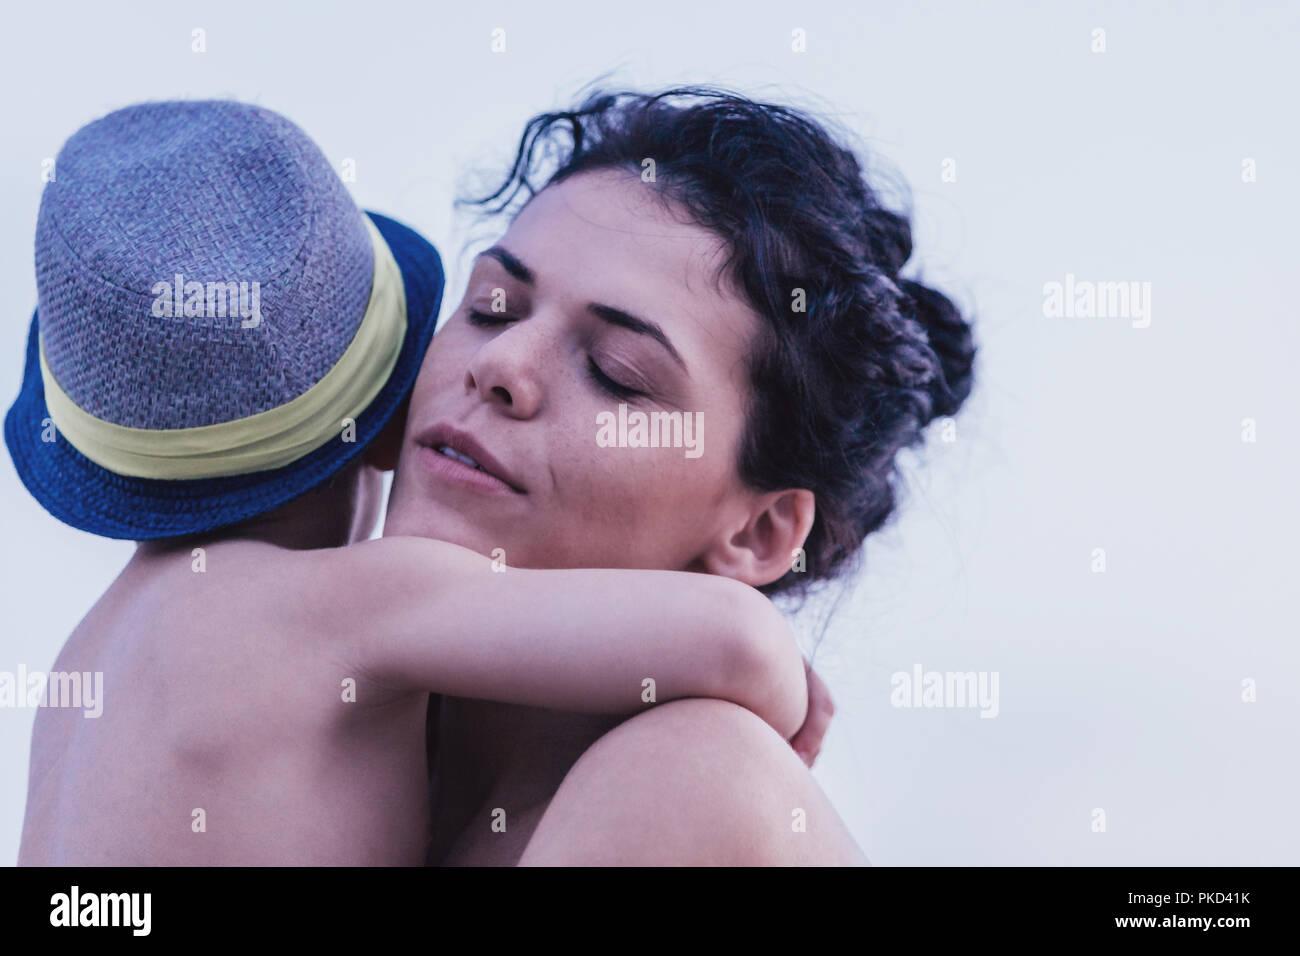 Felice madre con suo figlio godere la bella giornata di sole sulla spiaggia. La madre che abbraccia il suo figlio. Positive le emozioni umane, dei sentimenti di gioia. Famiglia felice Foto Stock